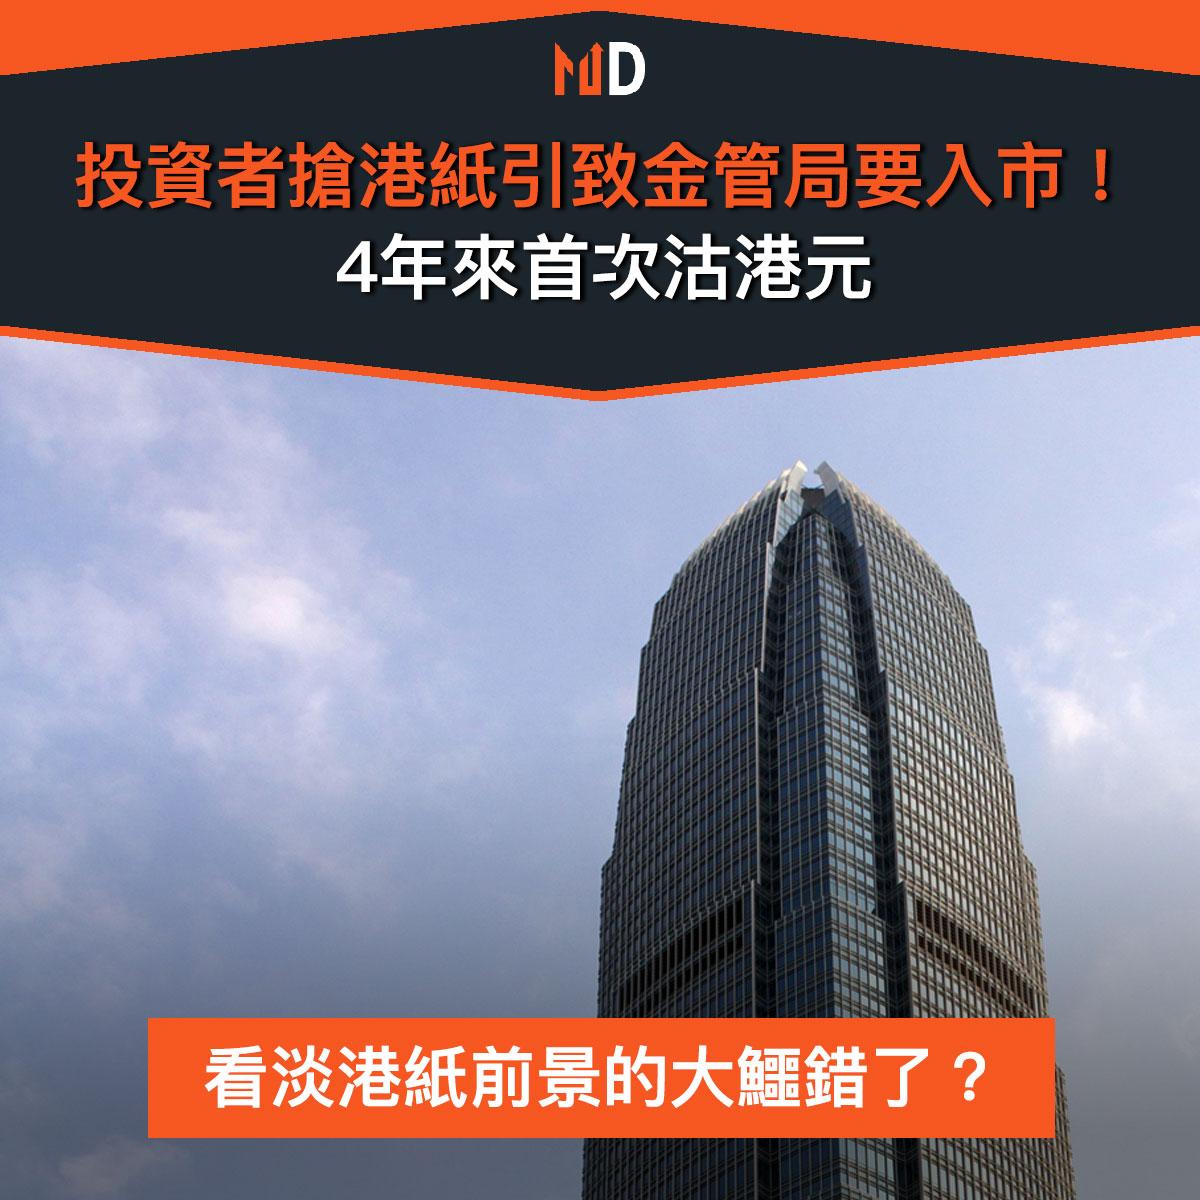 【市場熱話】投資者搶港紙引致金管局要入市!4年來首次沽港元